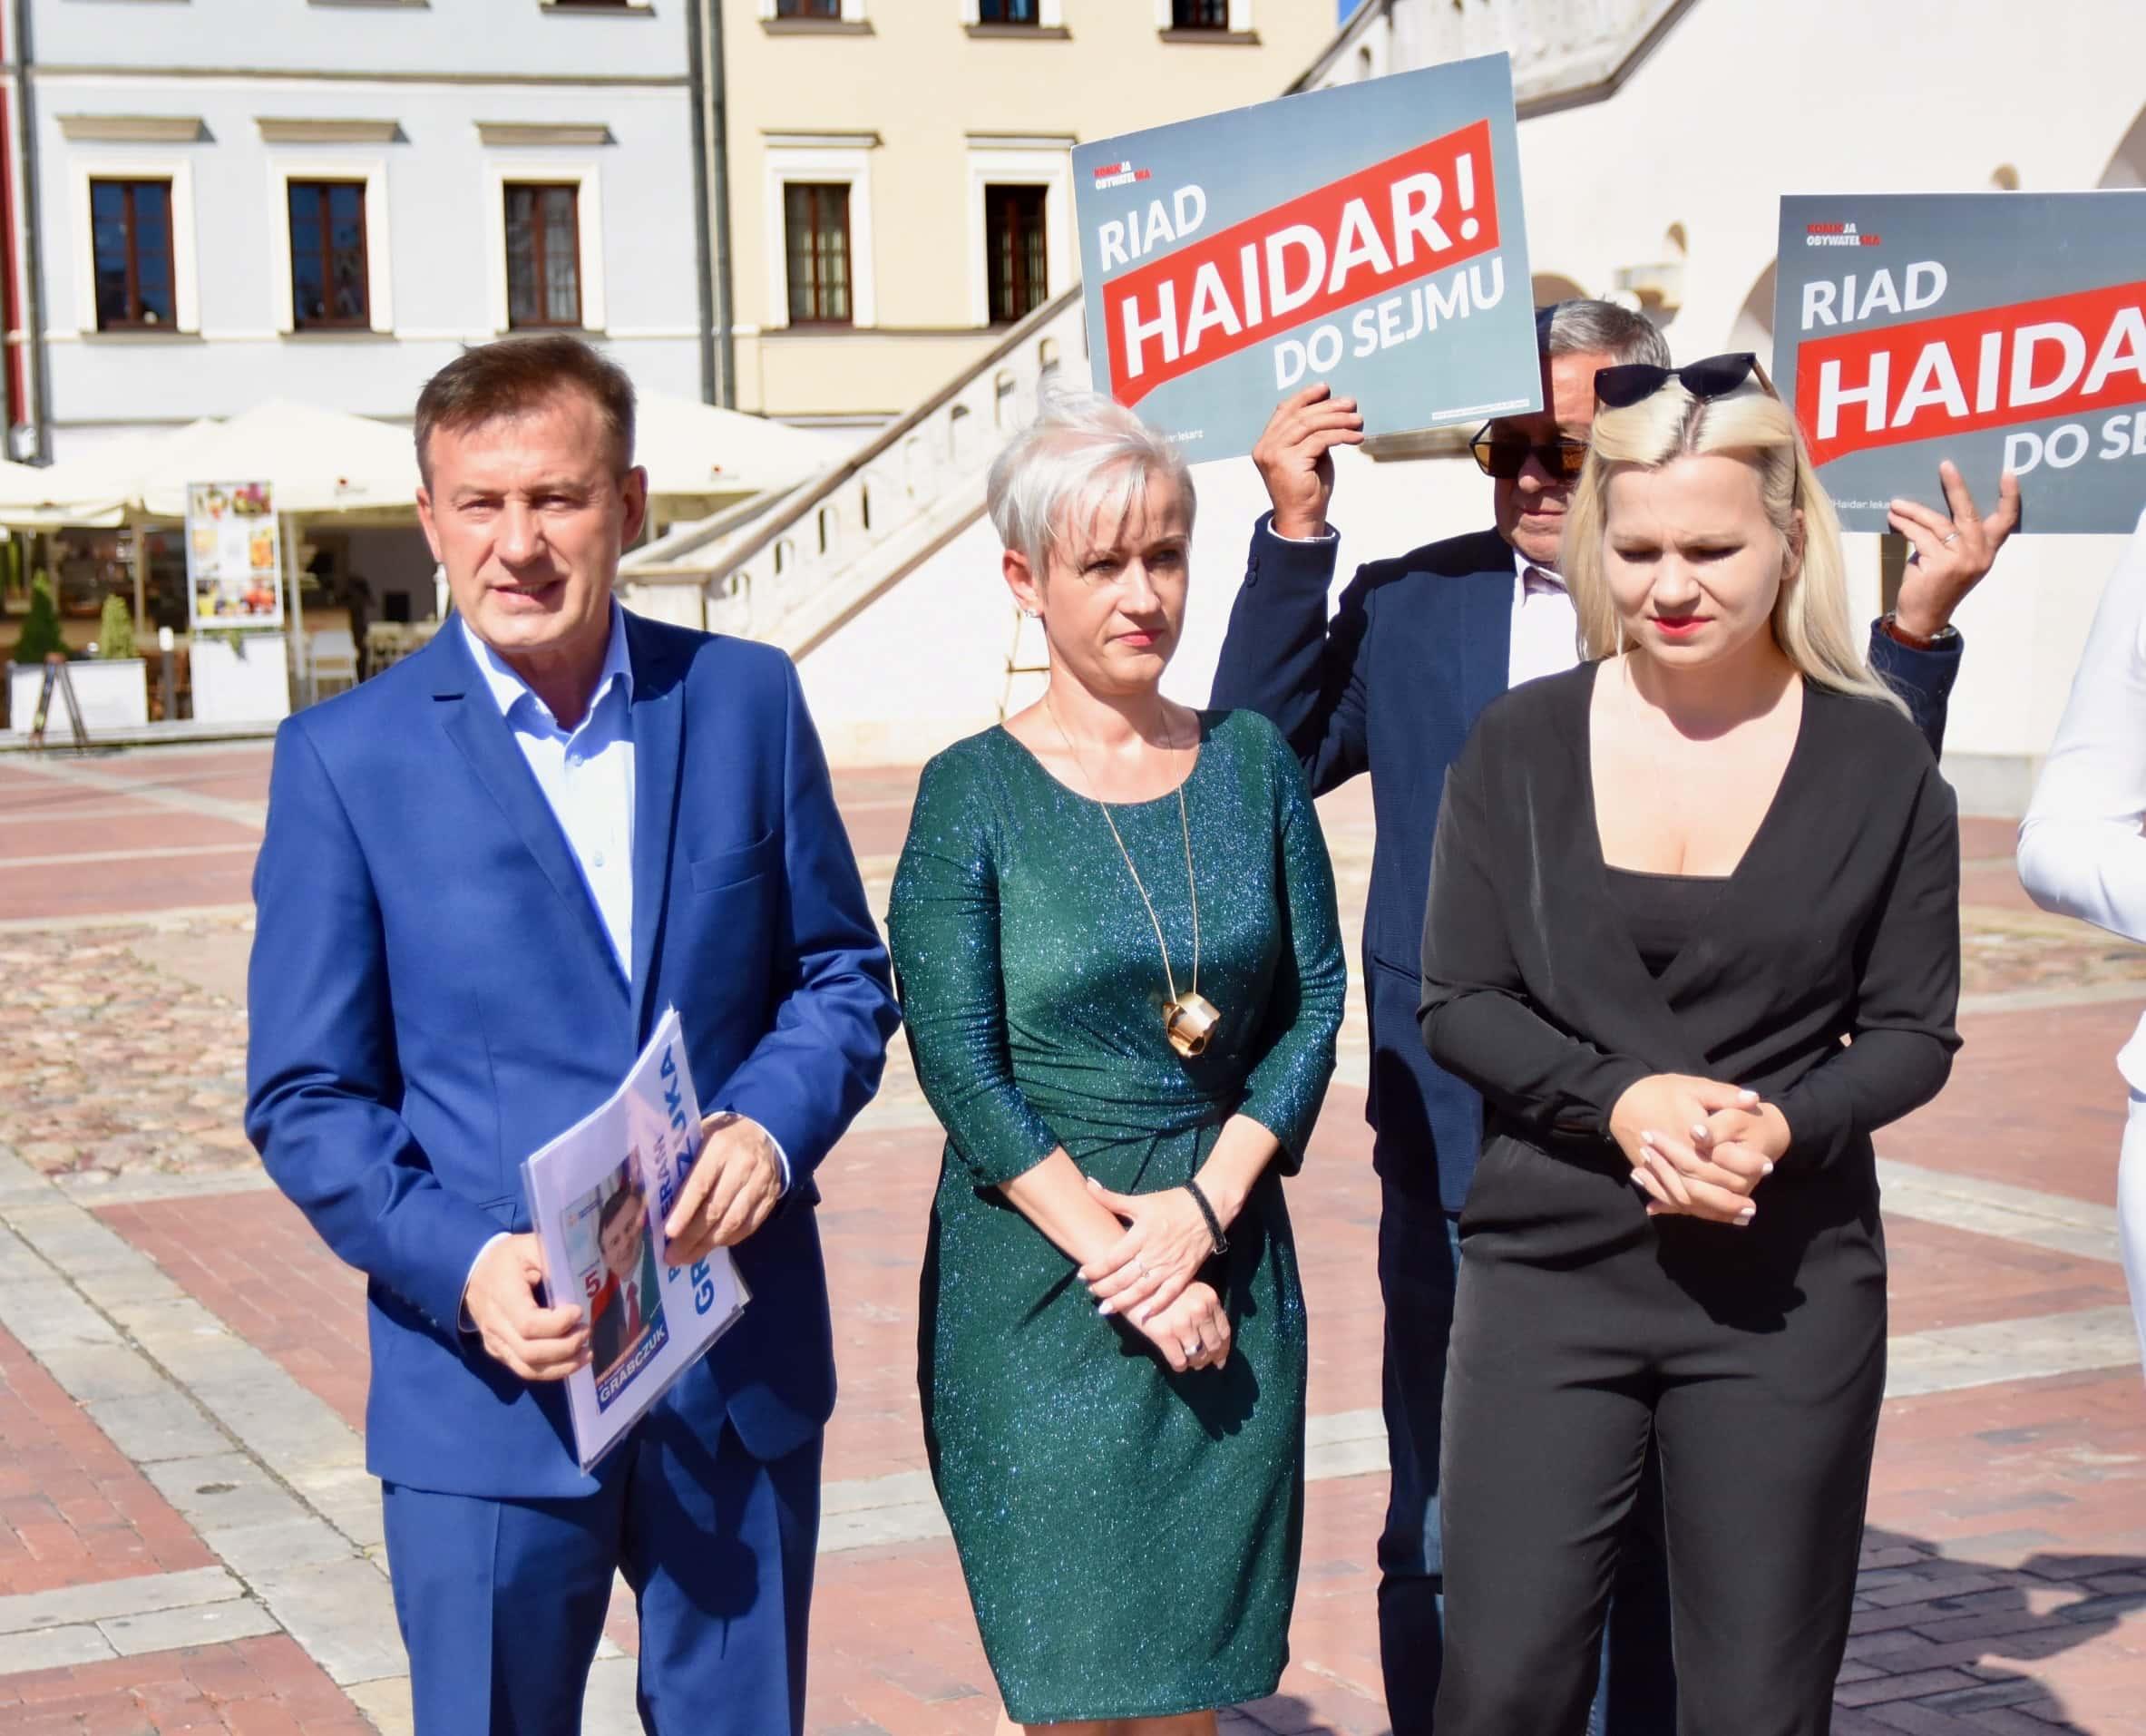 dsc 6586 Zamość: Koalicja Obywatelska przedstawiła kandydatów do sejmu z okręgu nr 7 [ZDJĘCIA, FILM]